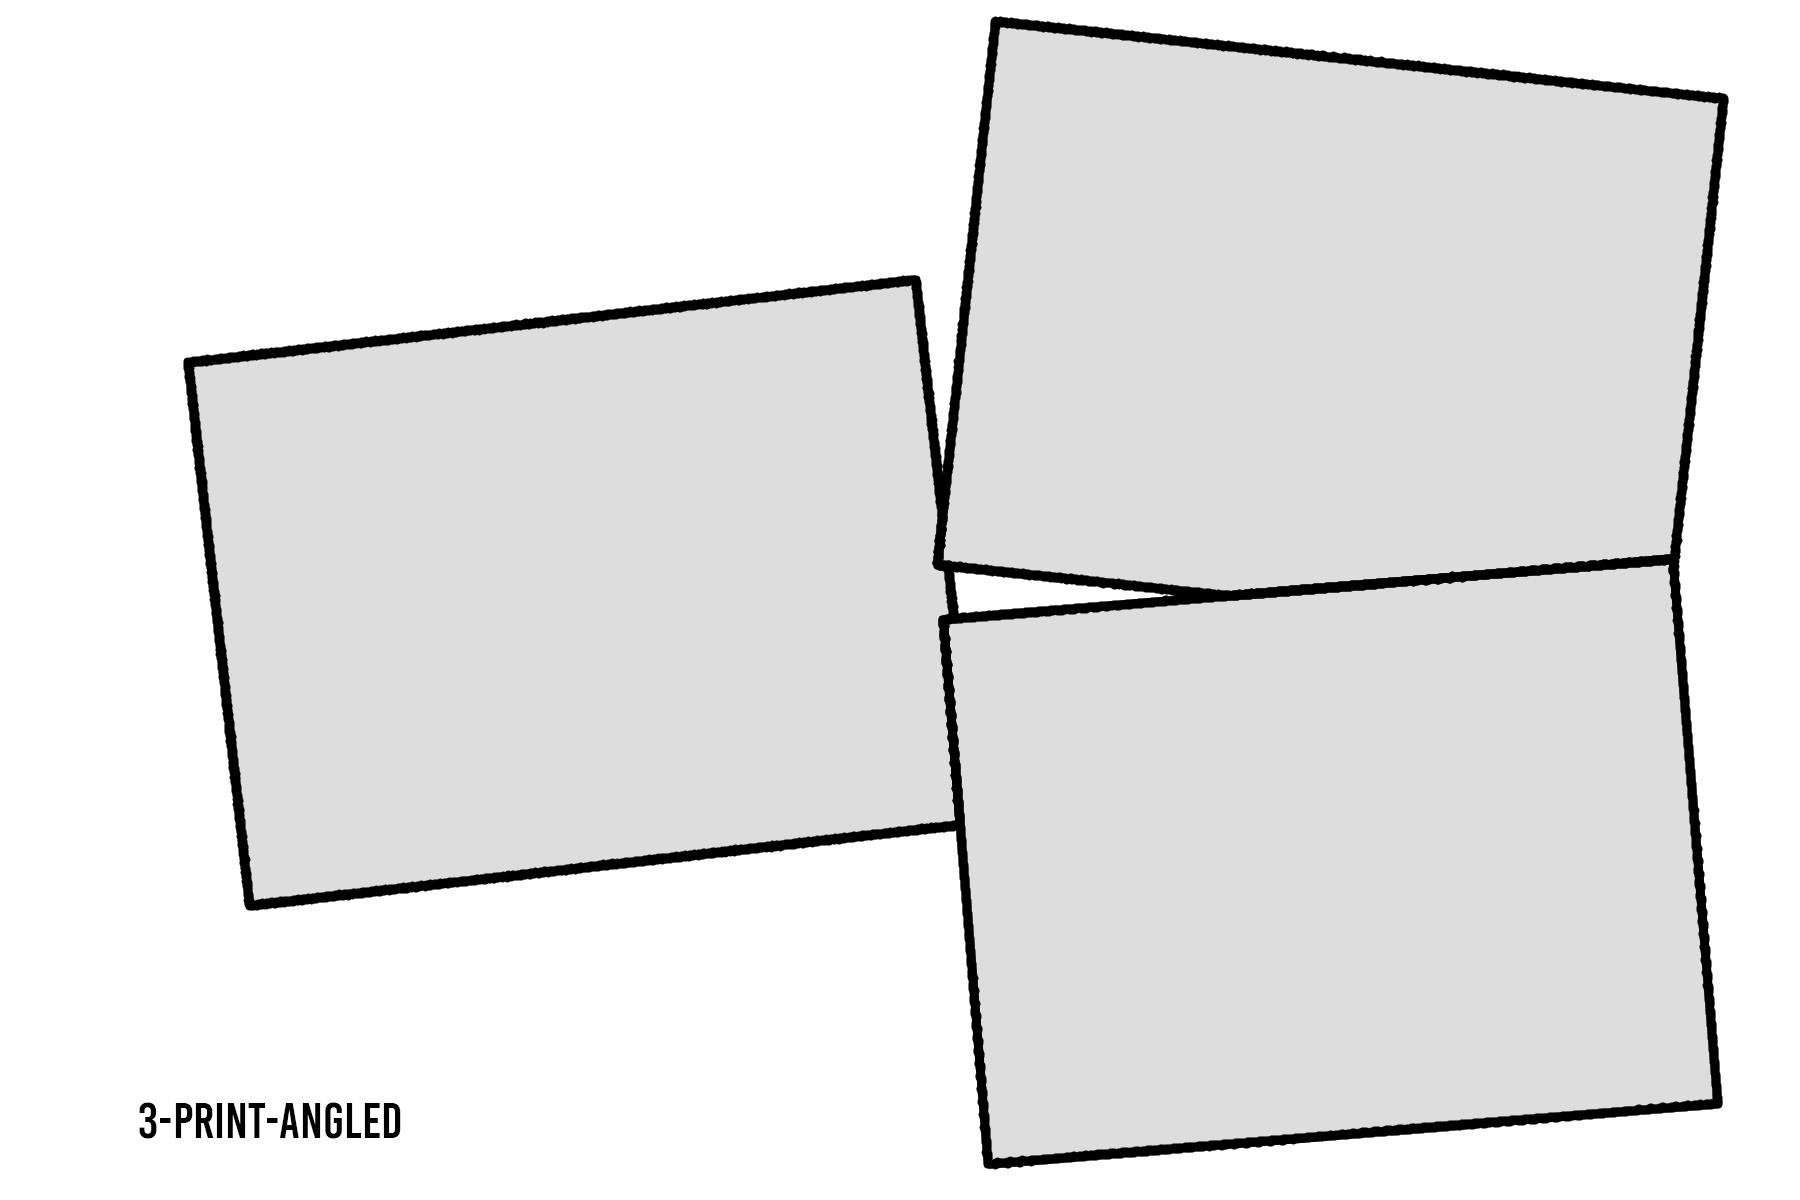 3-print-angled